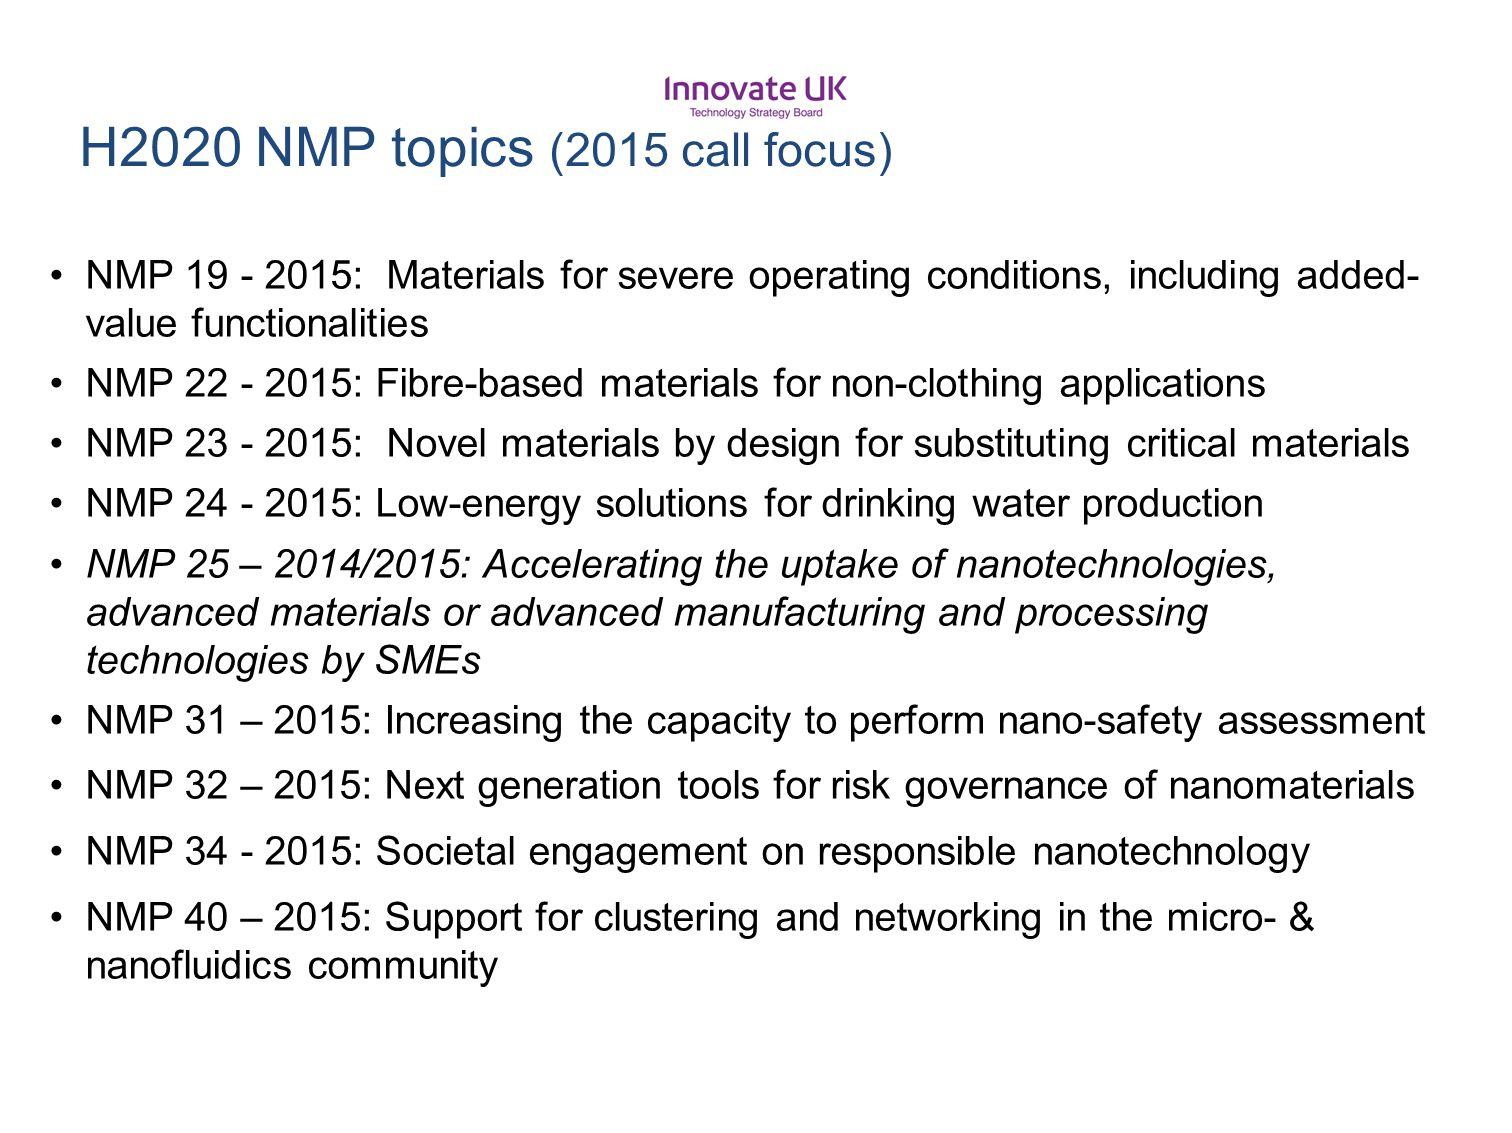 H2020 NMP topics (2015 call focus)